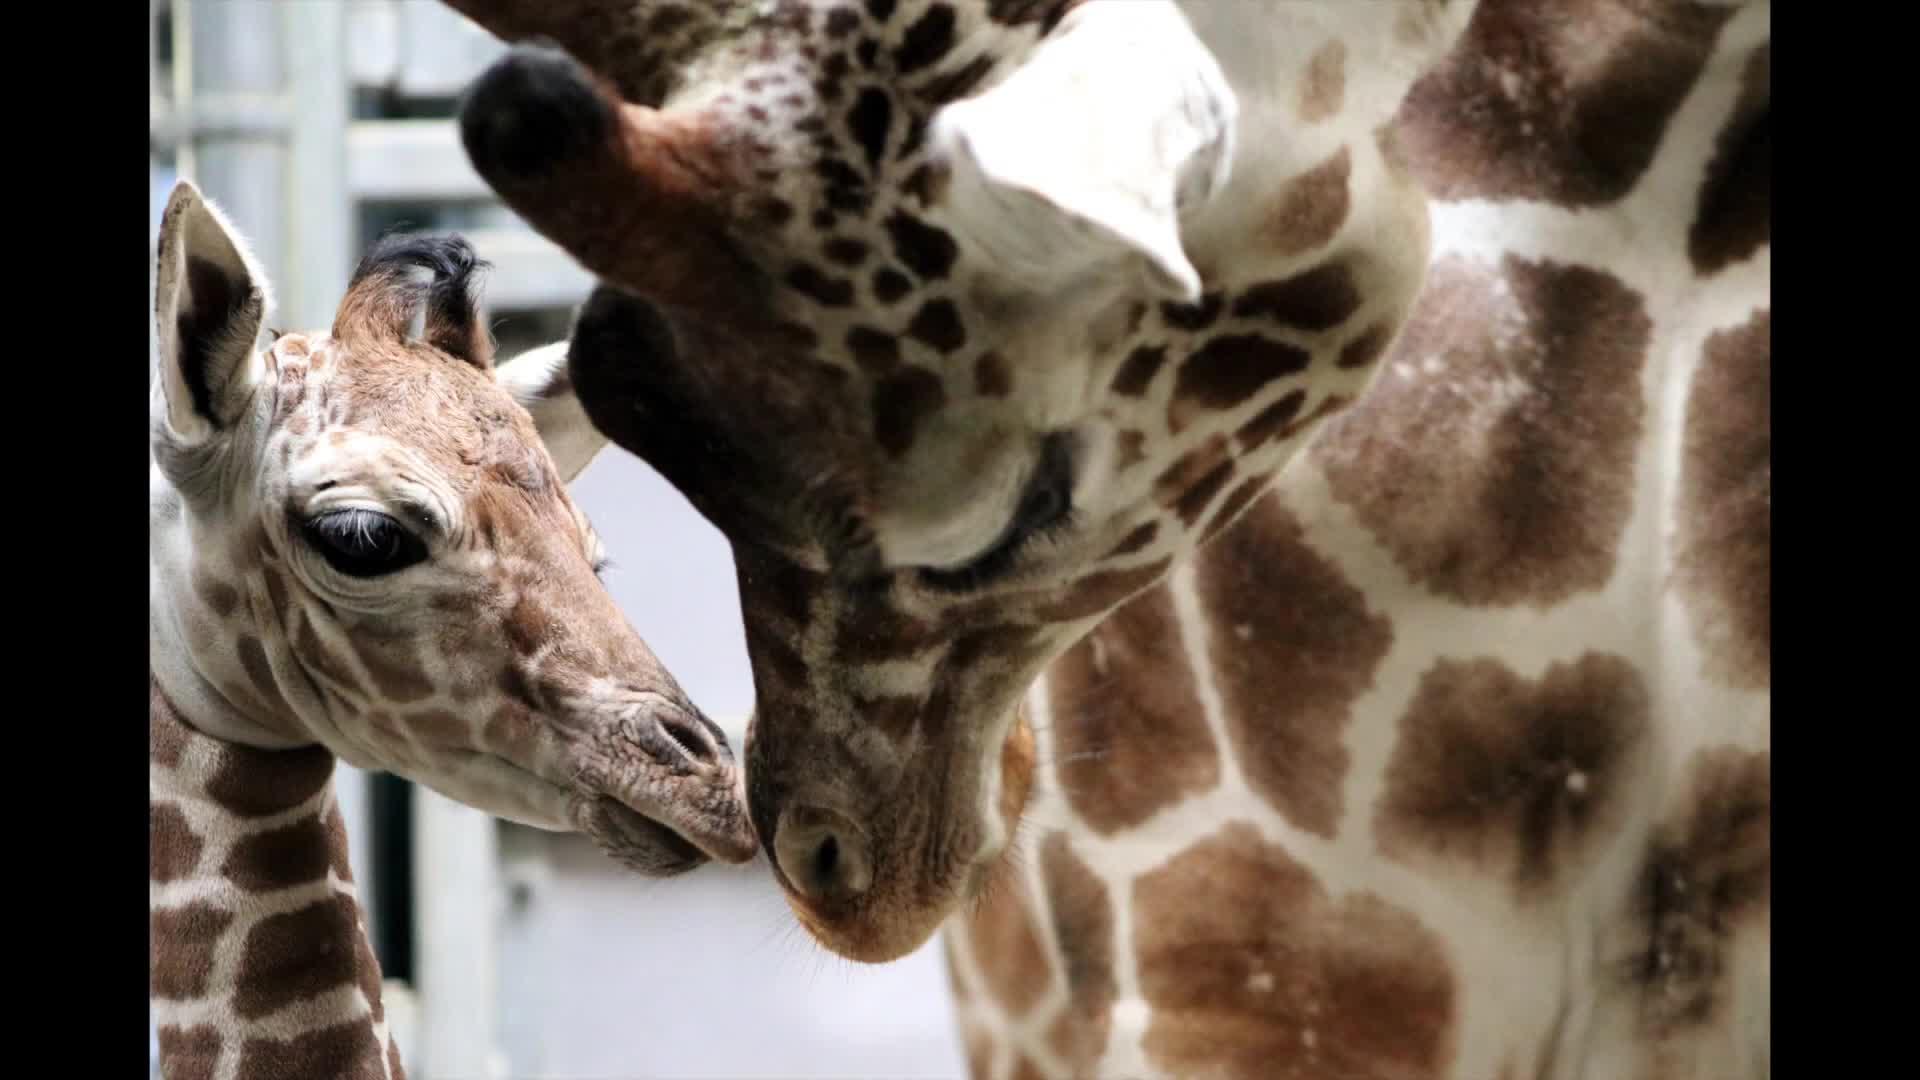 Indianapolis Zoo Welcomes Adorable Baby Giraffe